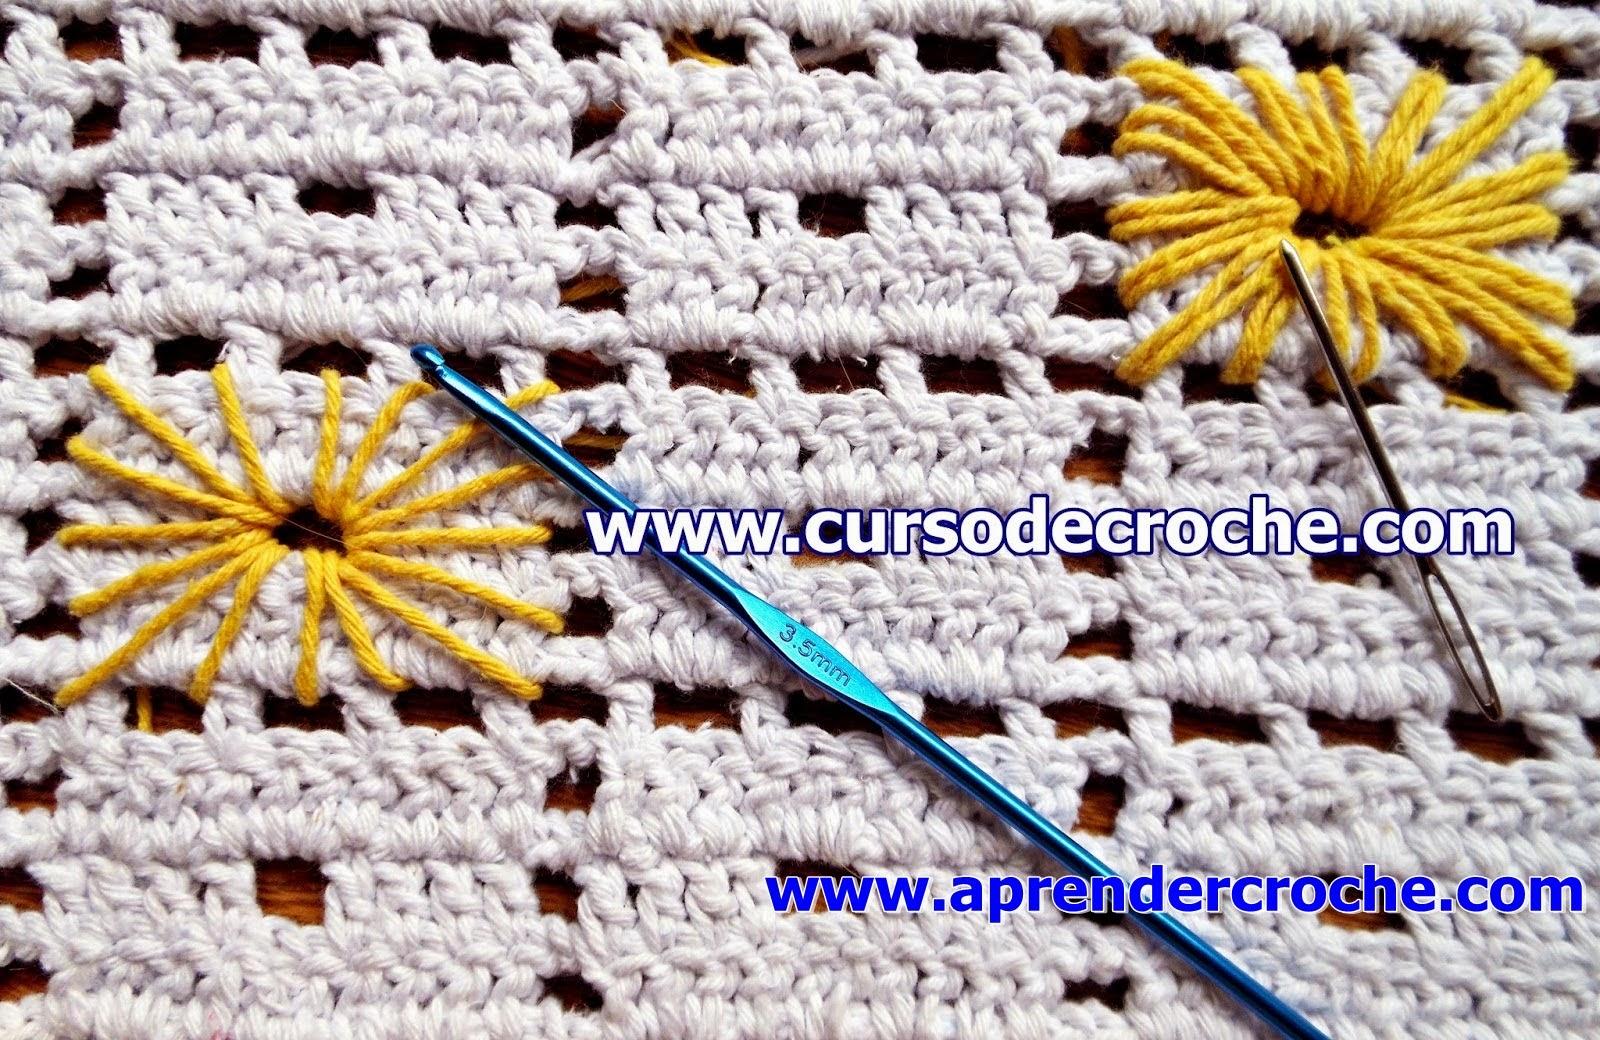 dvd coleção video-aulas loja curso de croche frete gratis aprender croche com edinir-croche